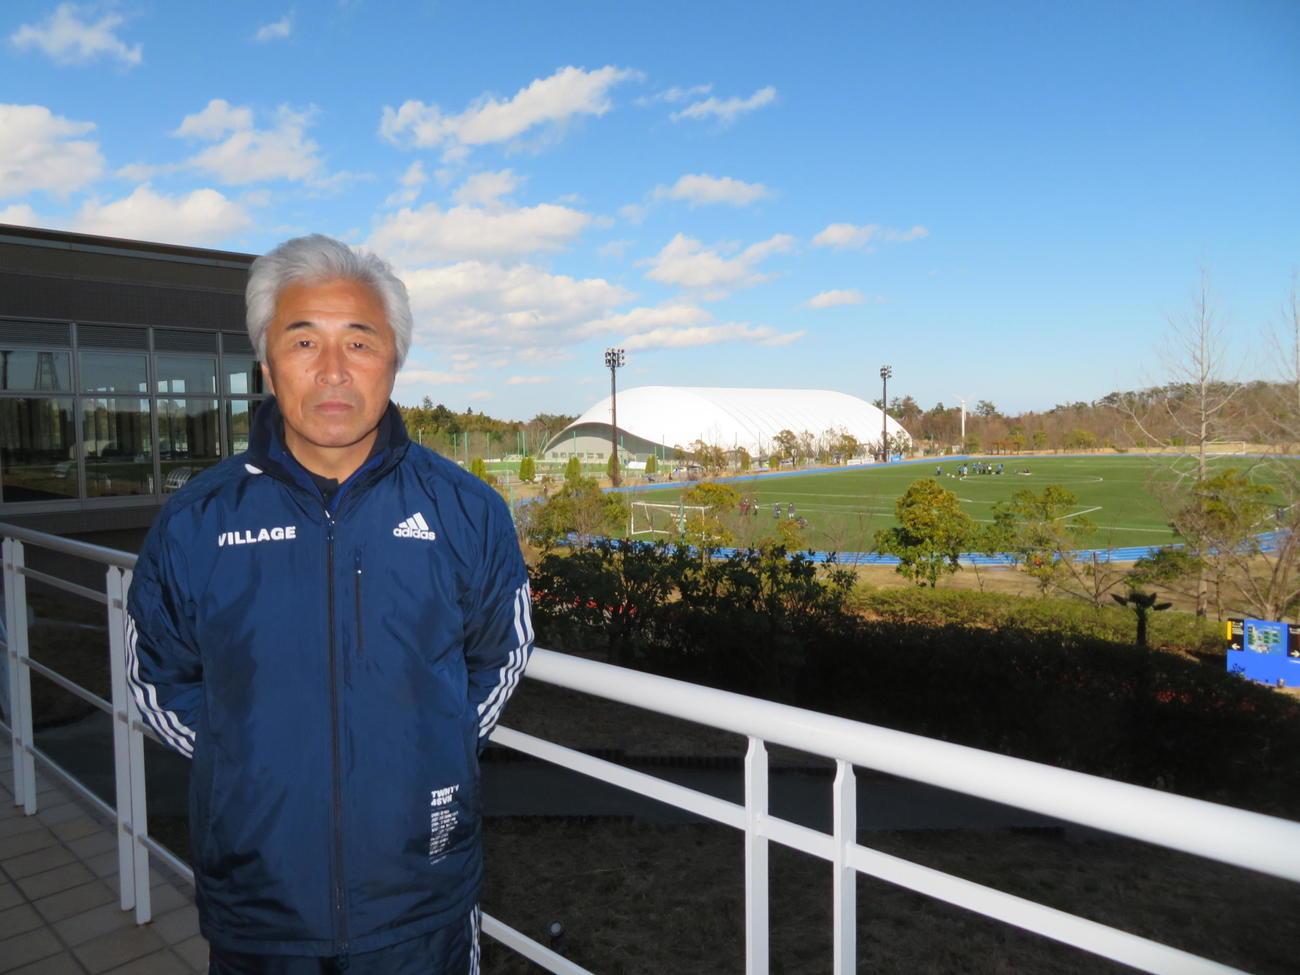 東京五輪聖火リレーのグランドスタート地点を背に、復興への思いを語るJヴィレッジ上田栄治副社長(撮影・村上幸将)